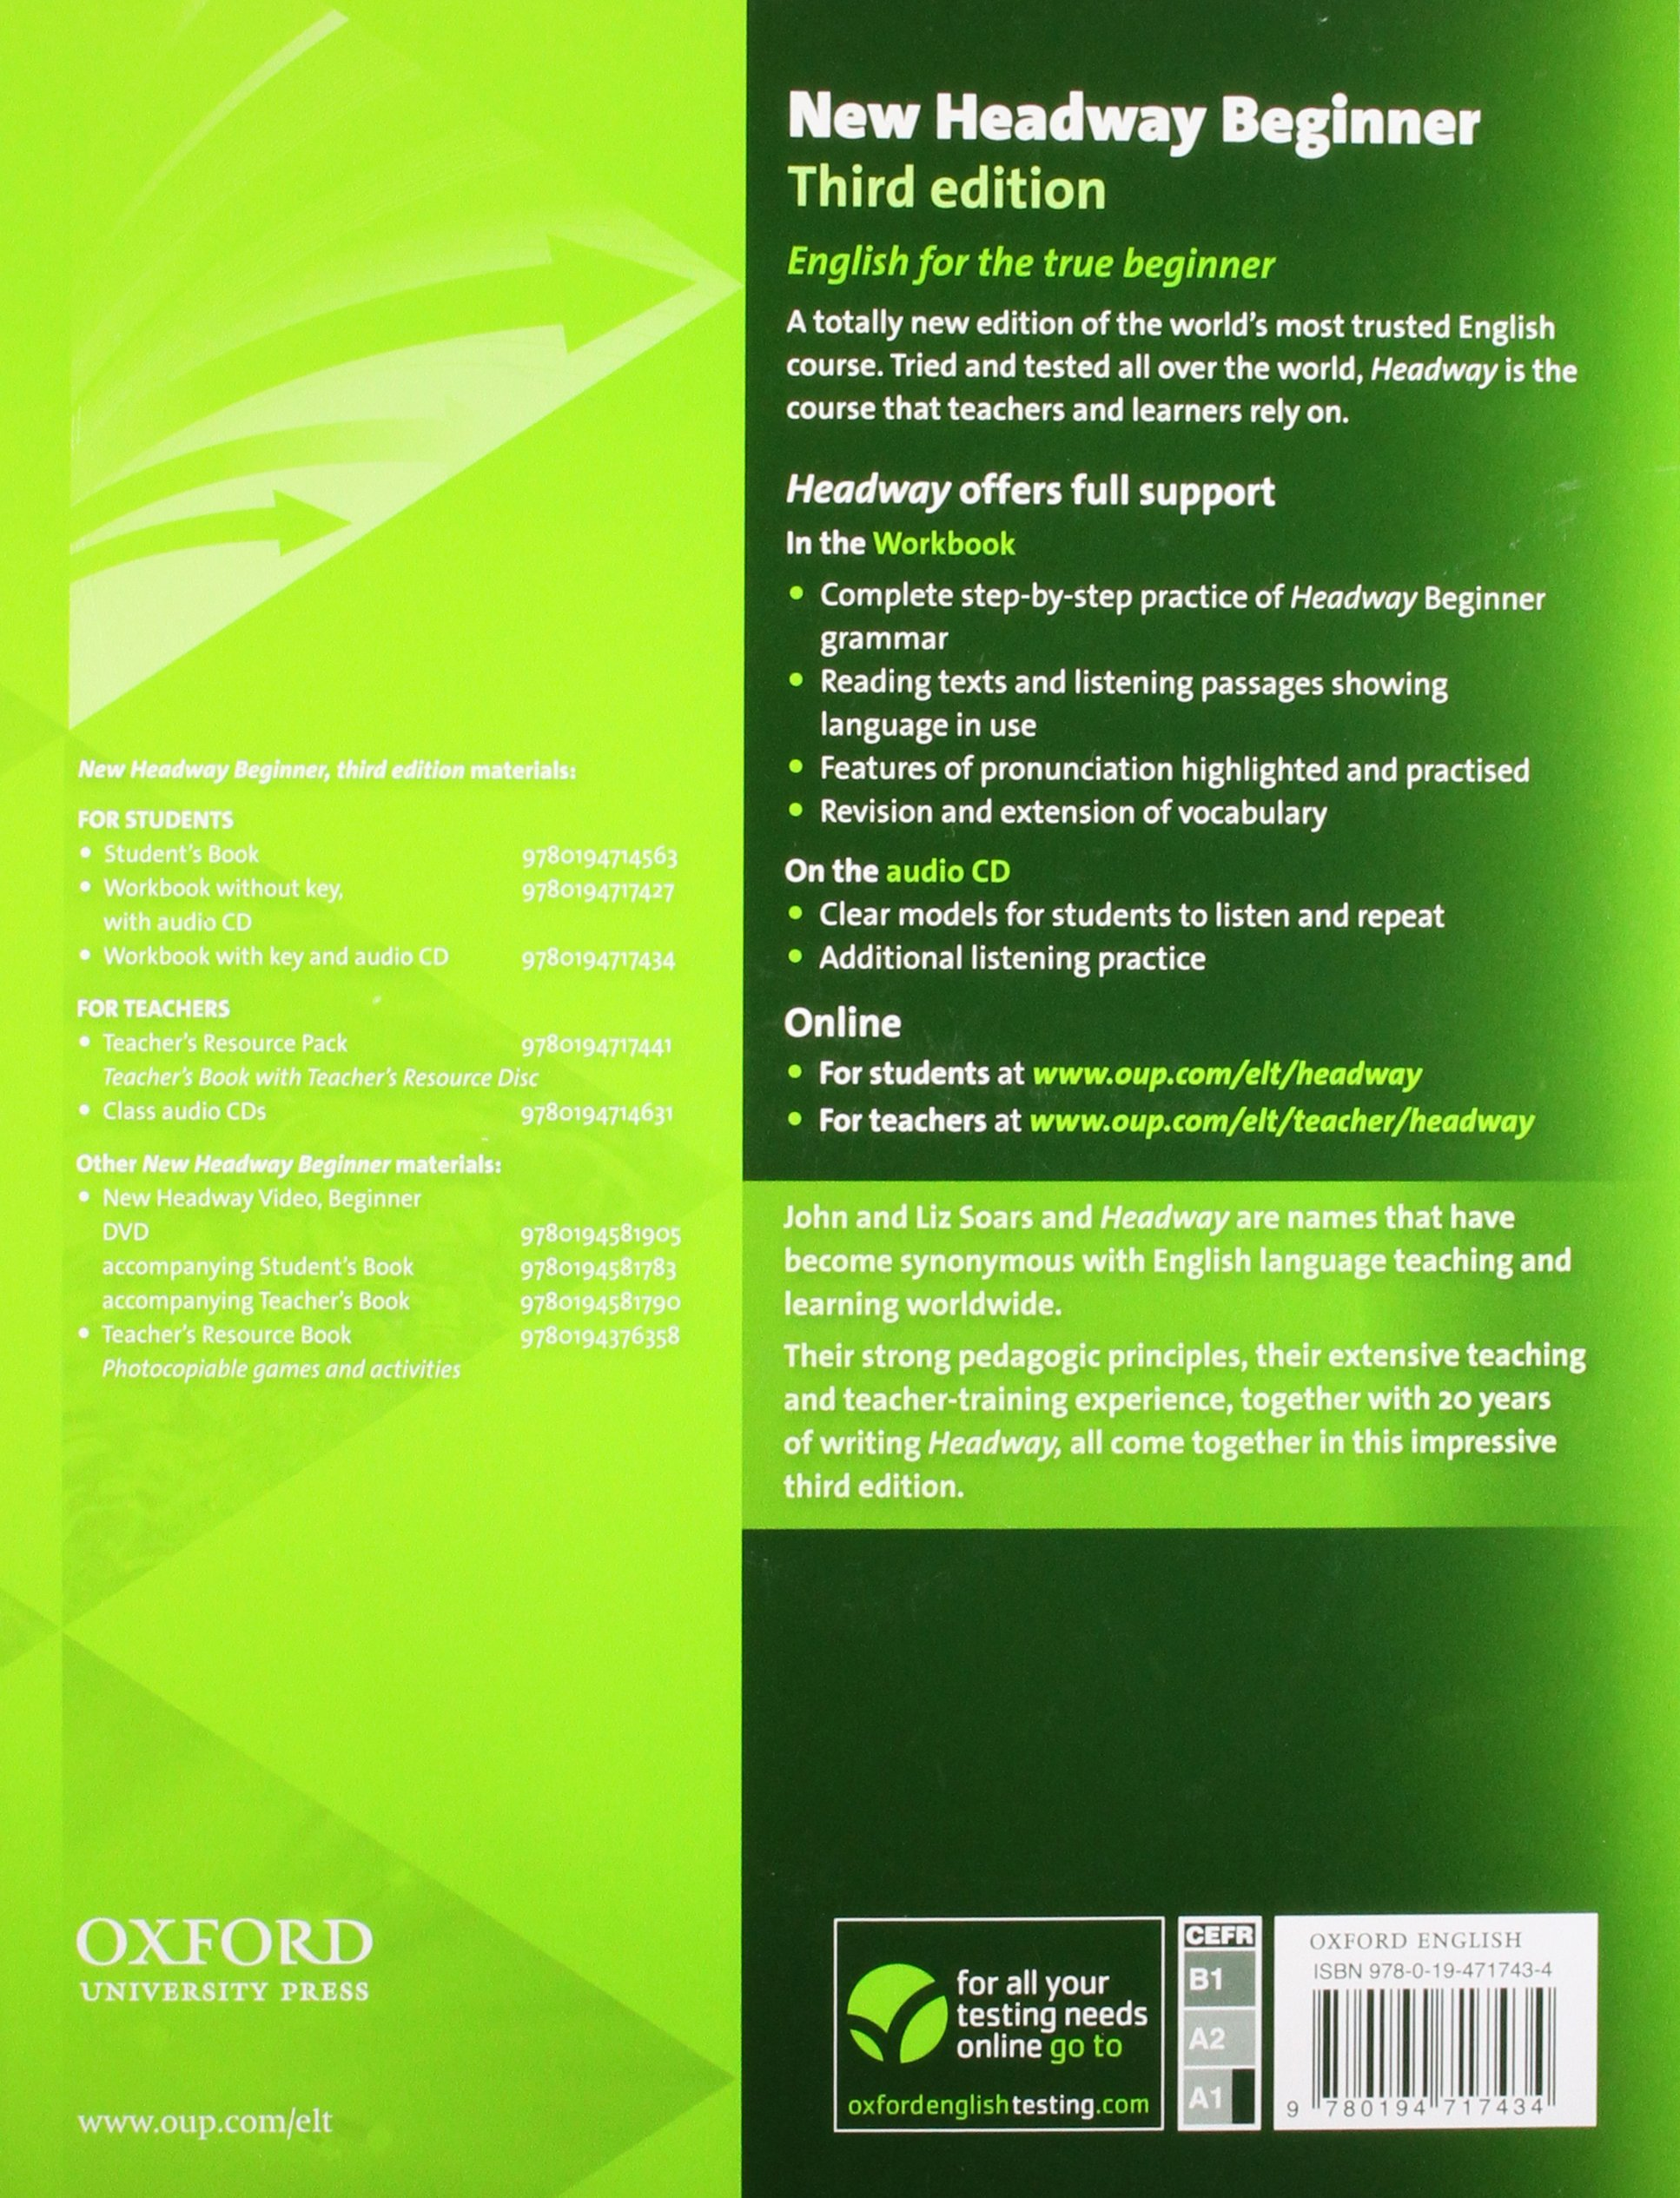 Headway beginner скачать бесплатно pdf vk